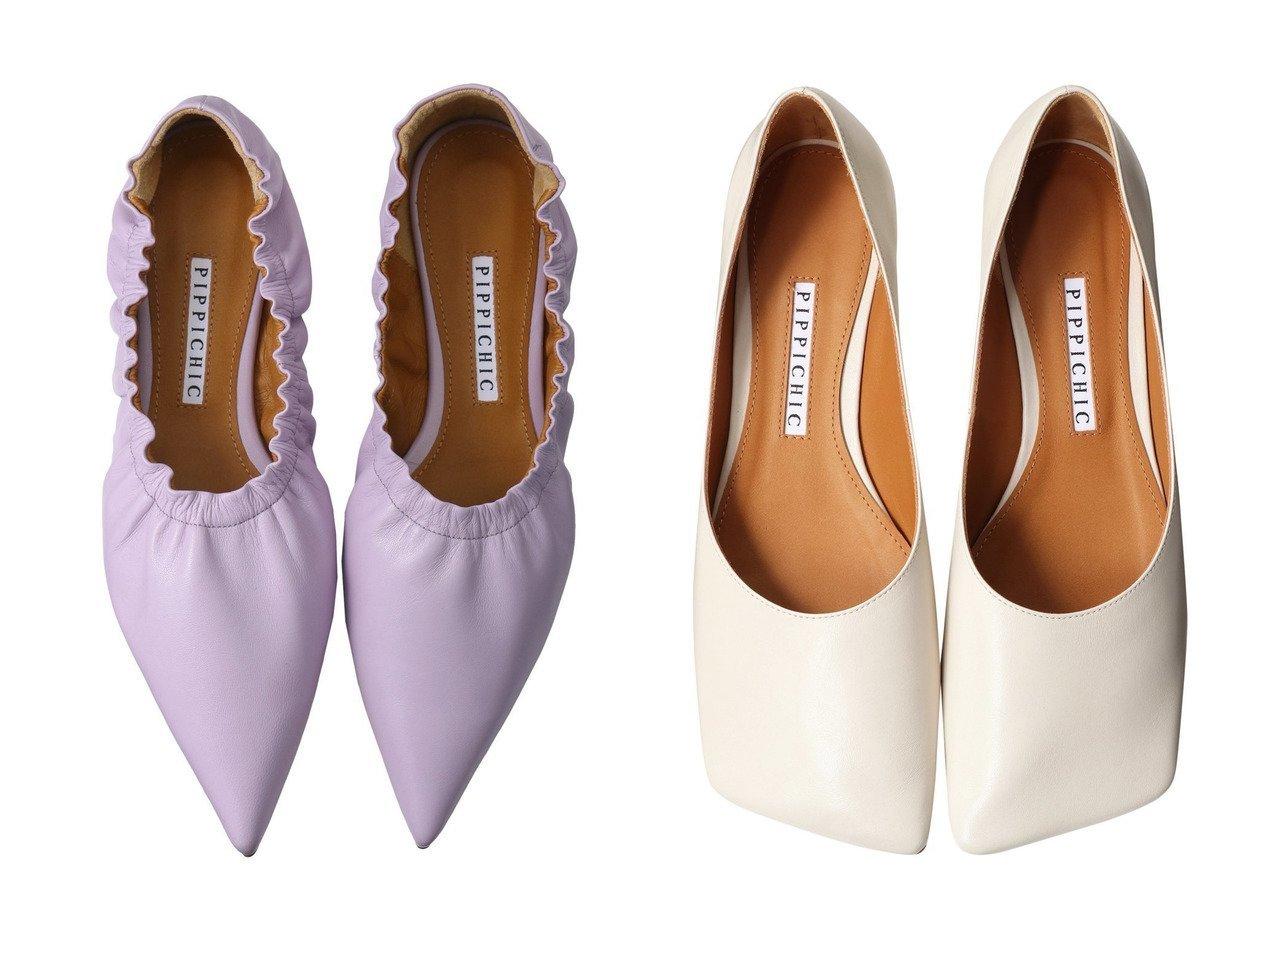 【Pippichic/ピッピシック】の【ELLE SHOP限定】REMY ディープギャザーフラットシューズ&LINDA スクエアトゥフラットシューズ 【シューズ・靴】おすすめ!人気、トレンド・レディースファッションの通販 おすすめで人気の流行・トレンド、ファッションの通販商品 インテリア・家具・メンズファッション・キッズファッション・レディースファッション・服の通販 founy(ファニー) https://founy.com/ ファッション Fashion レディースファッション WOMEN 2021年 2021 2021-2022秋冬・A/W AW・Autumn/Winter・FW・Fall-Winter・2021-2022 A/W・秋冬 AW・Autumn/Winter・FW・Fall-Winter シューズ フィット なめらか フォルム フラット 別注 |ID:crp329100000053504